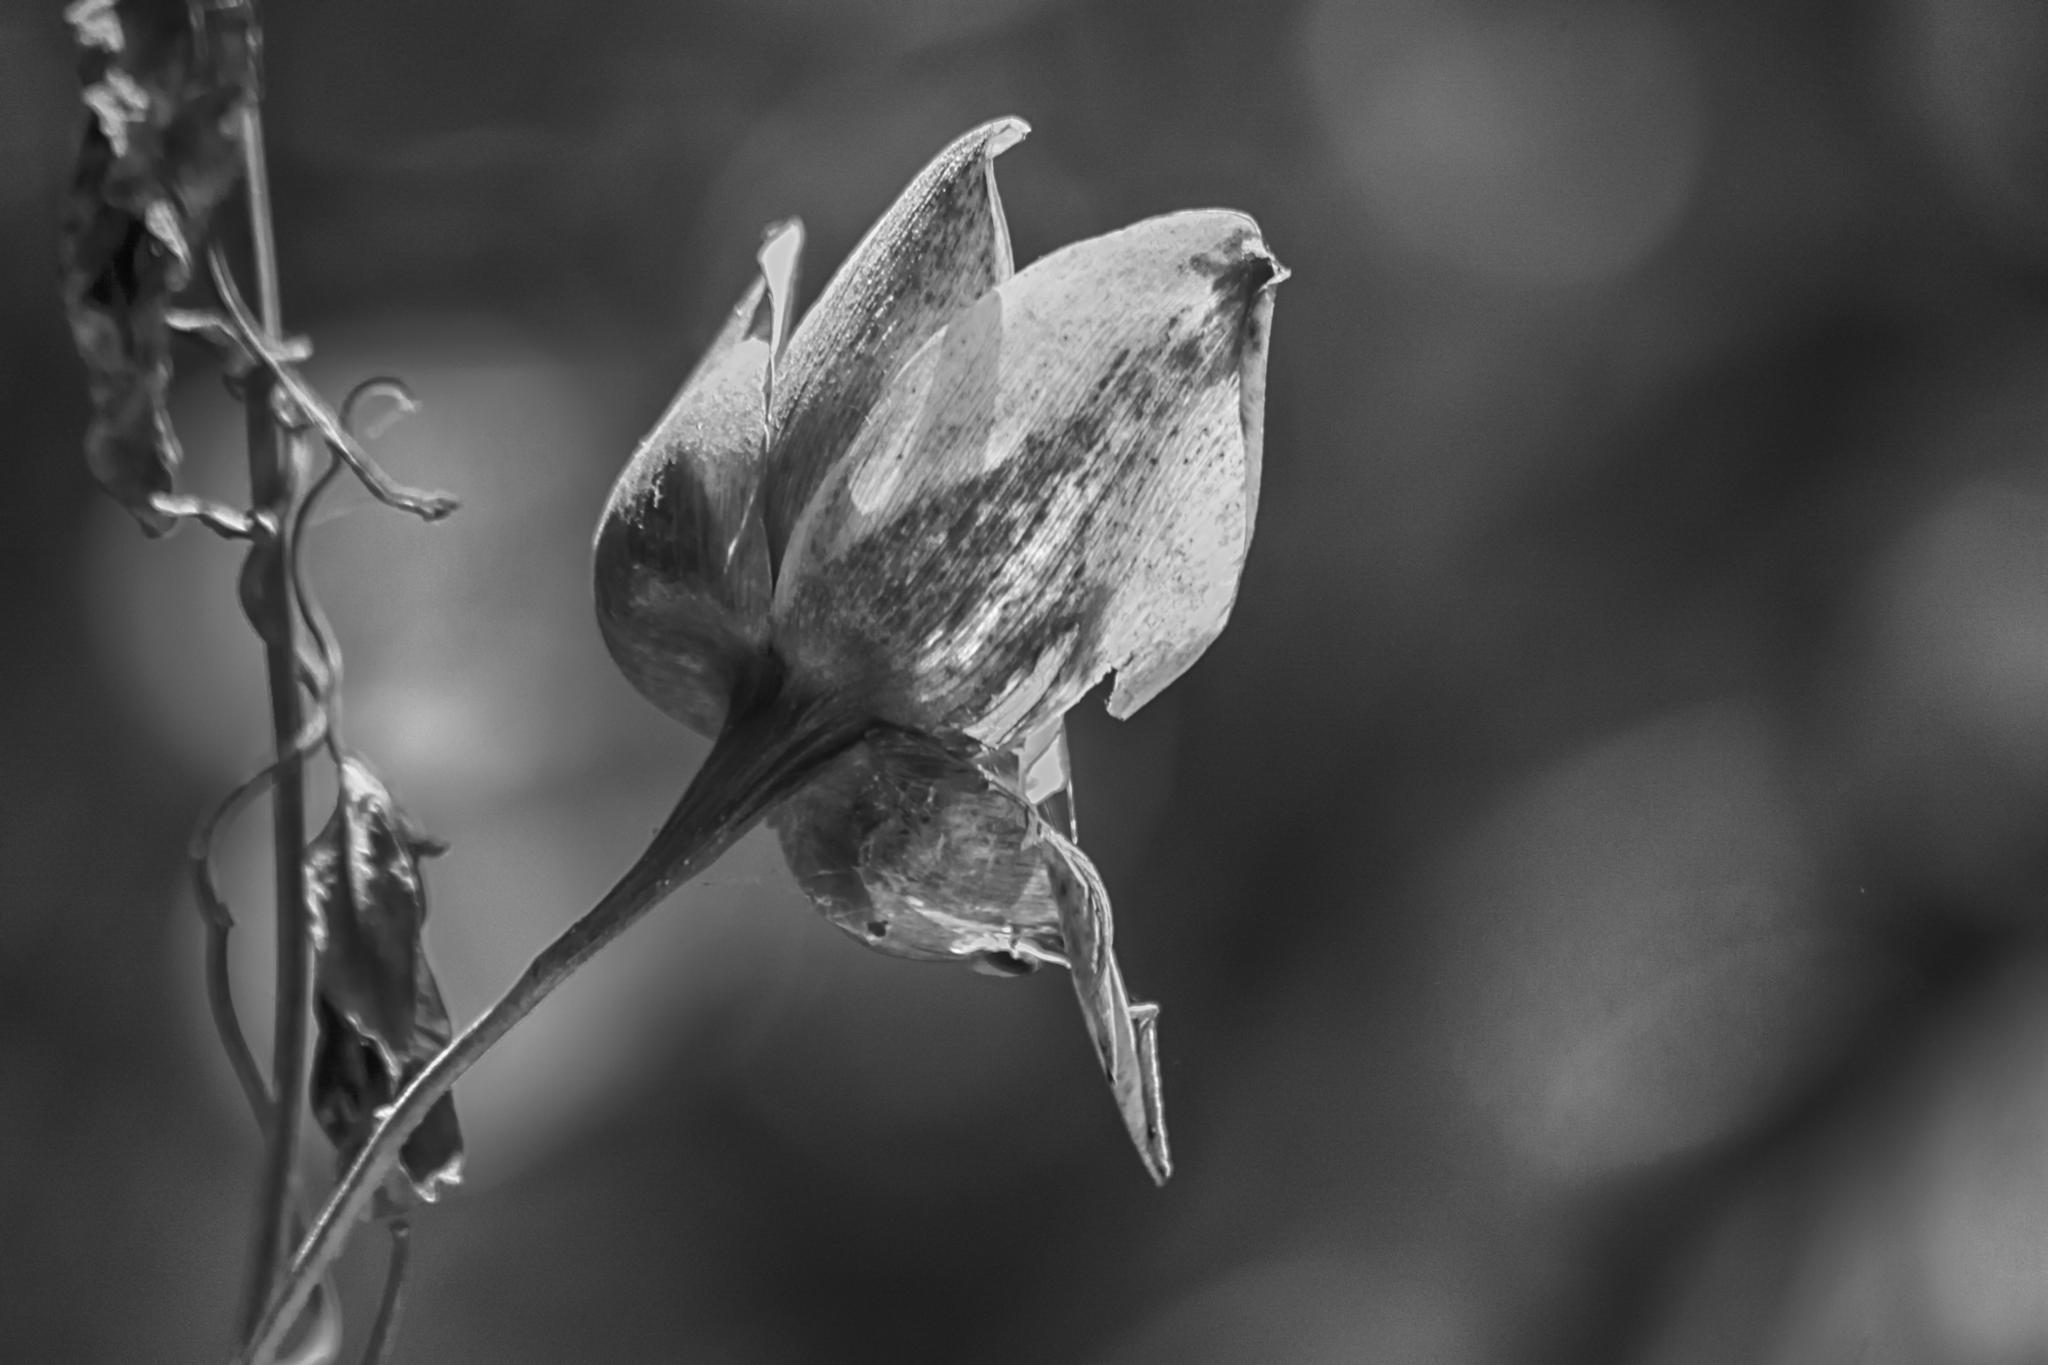 Death/Morte/Muerte by Jose Liborio